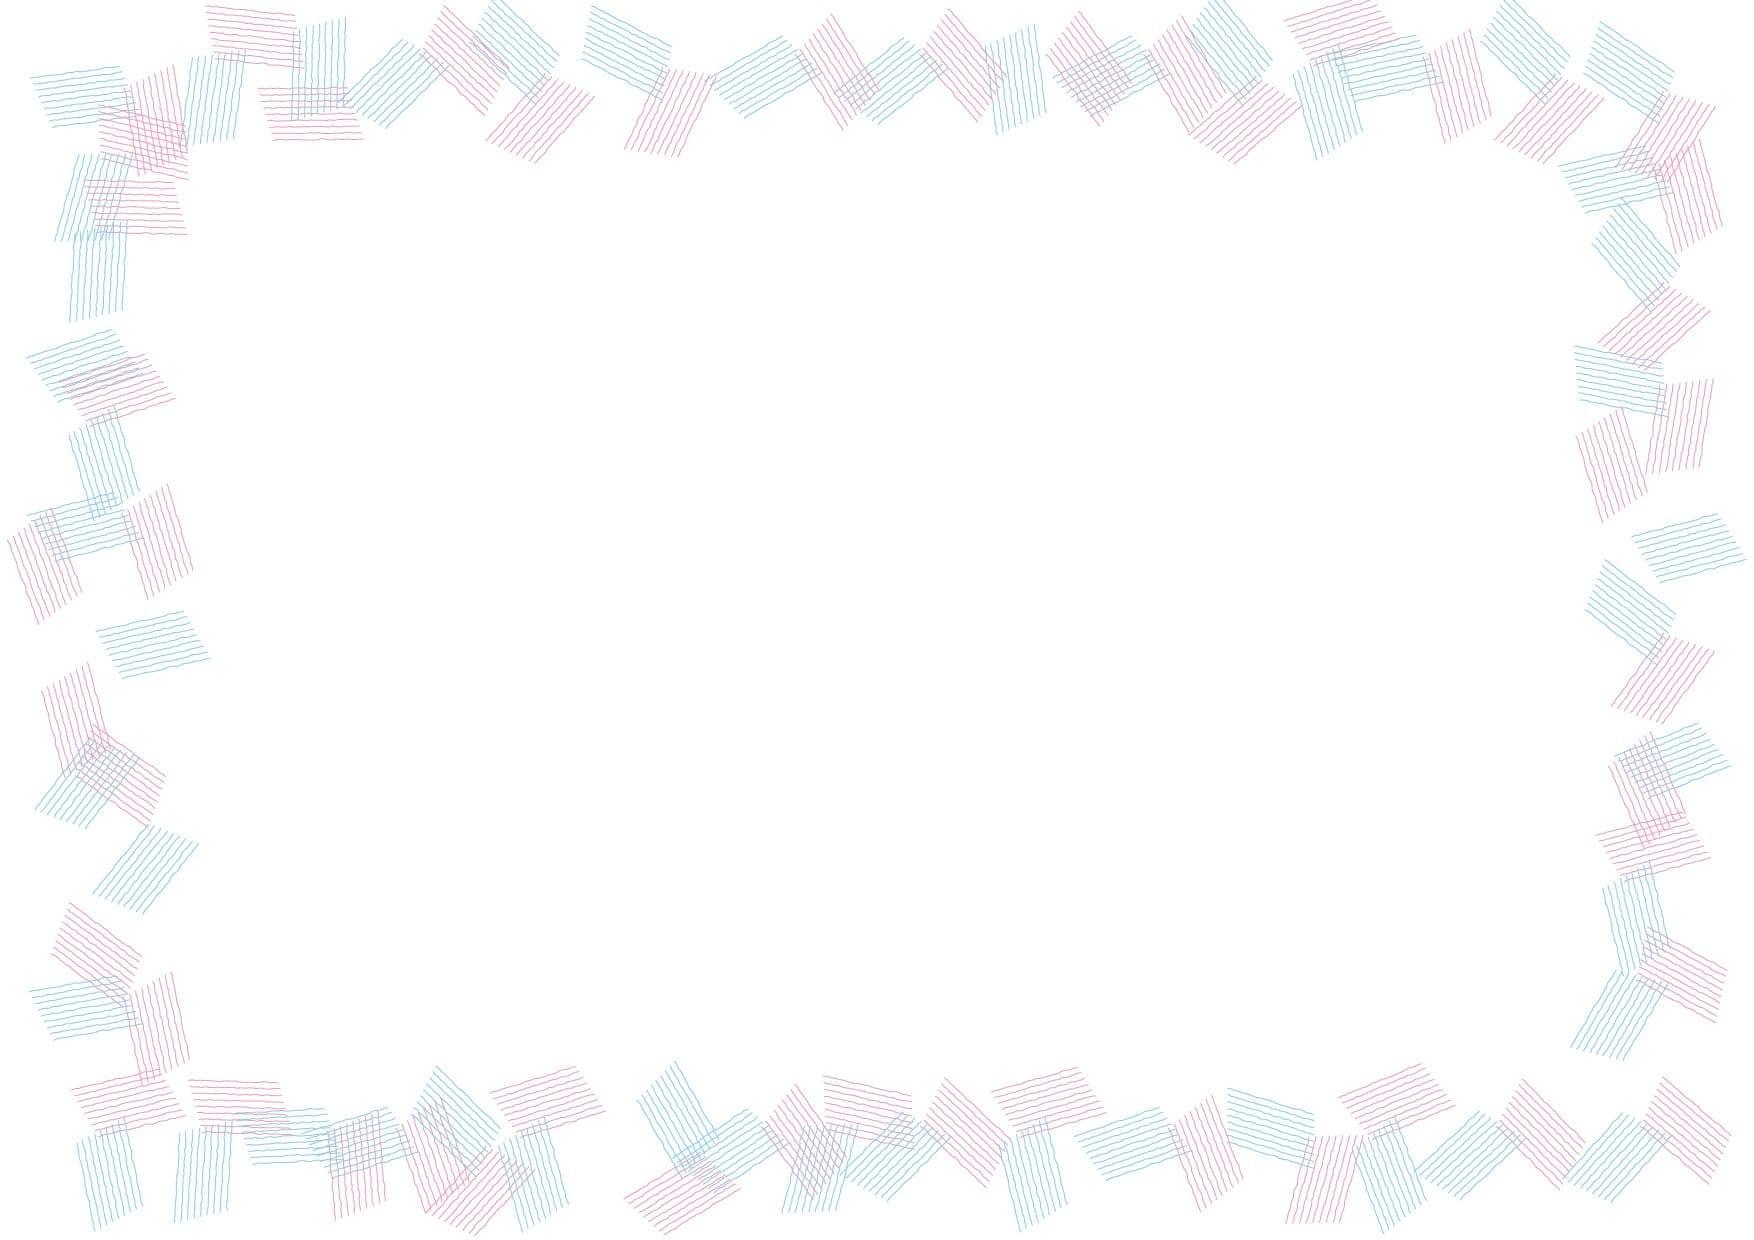 背景 シンプル フレーム ピンク色 水色 イラスト 無料